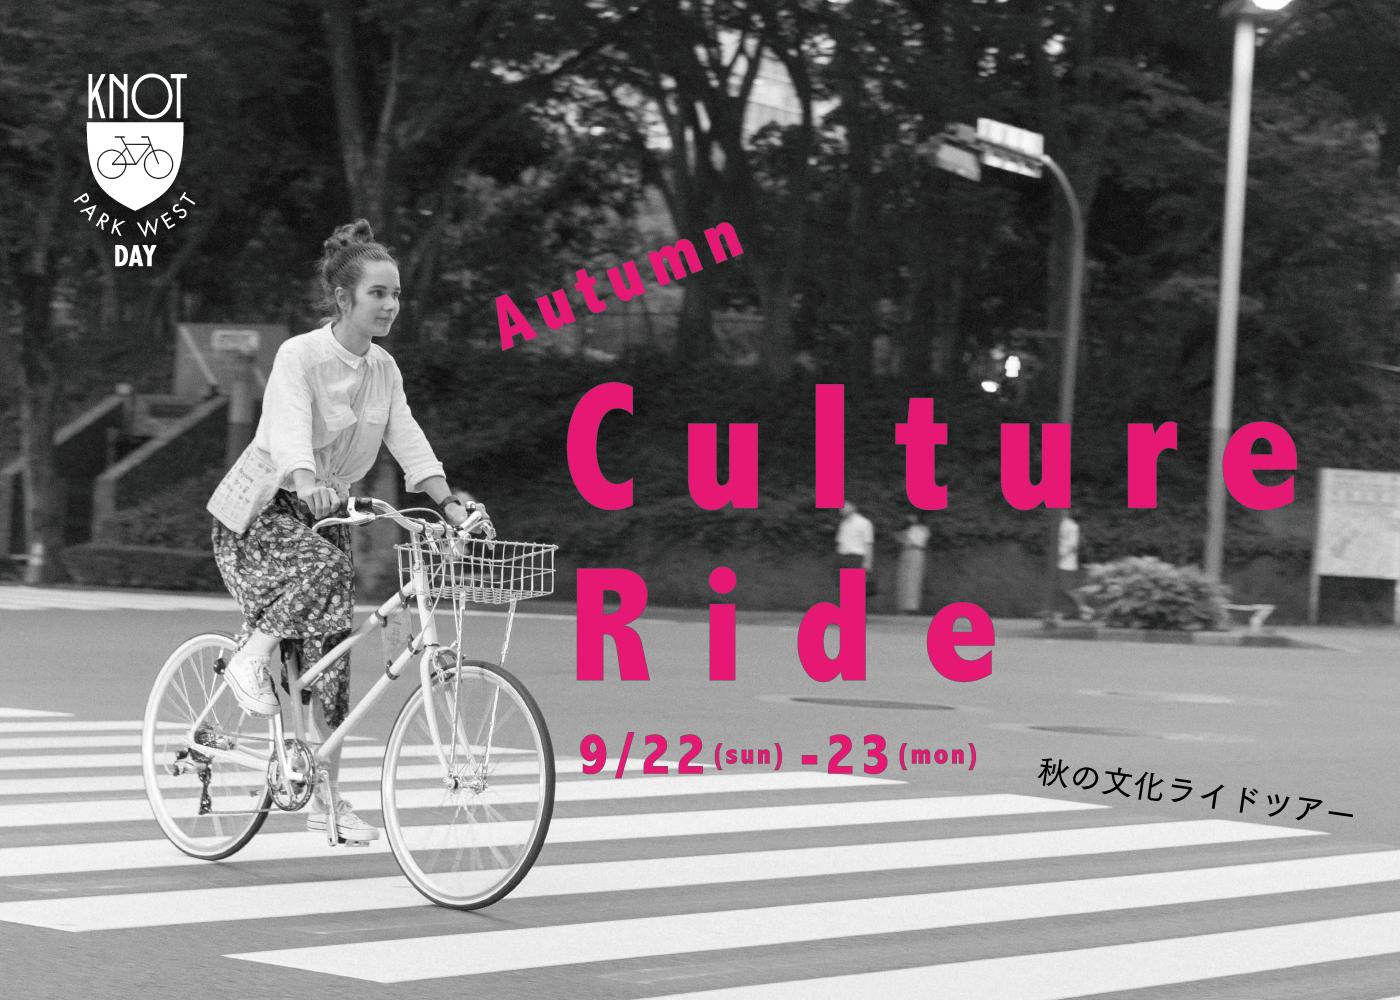 – 秋の文化ライドツアー-